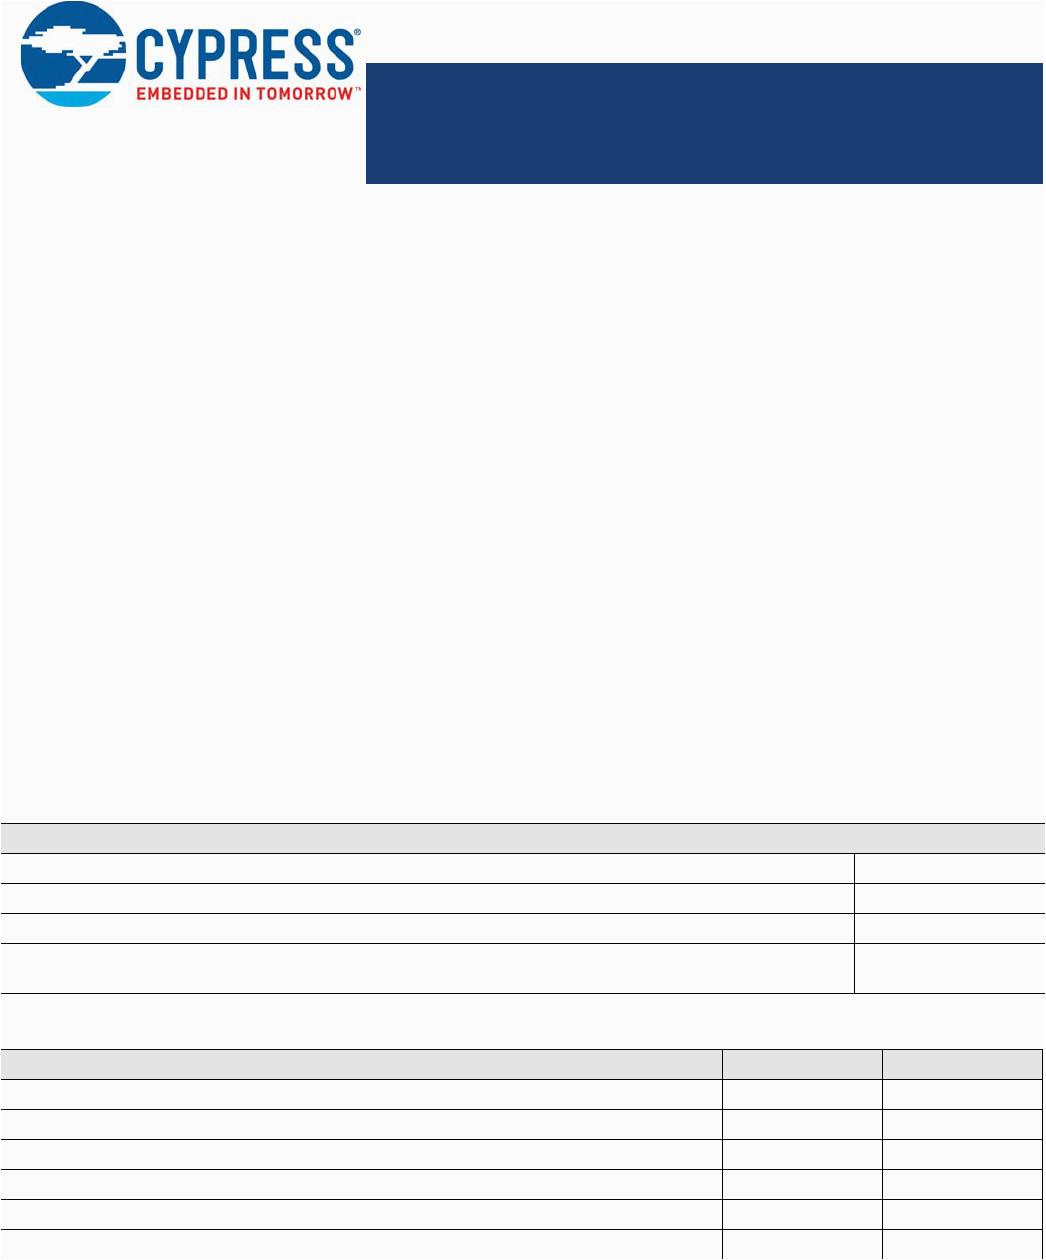 s27kx0641 s70kx1281 datasheet cypress digikey